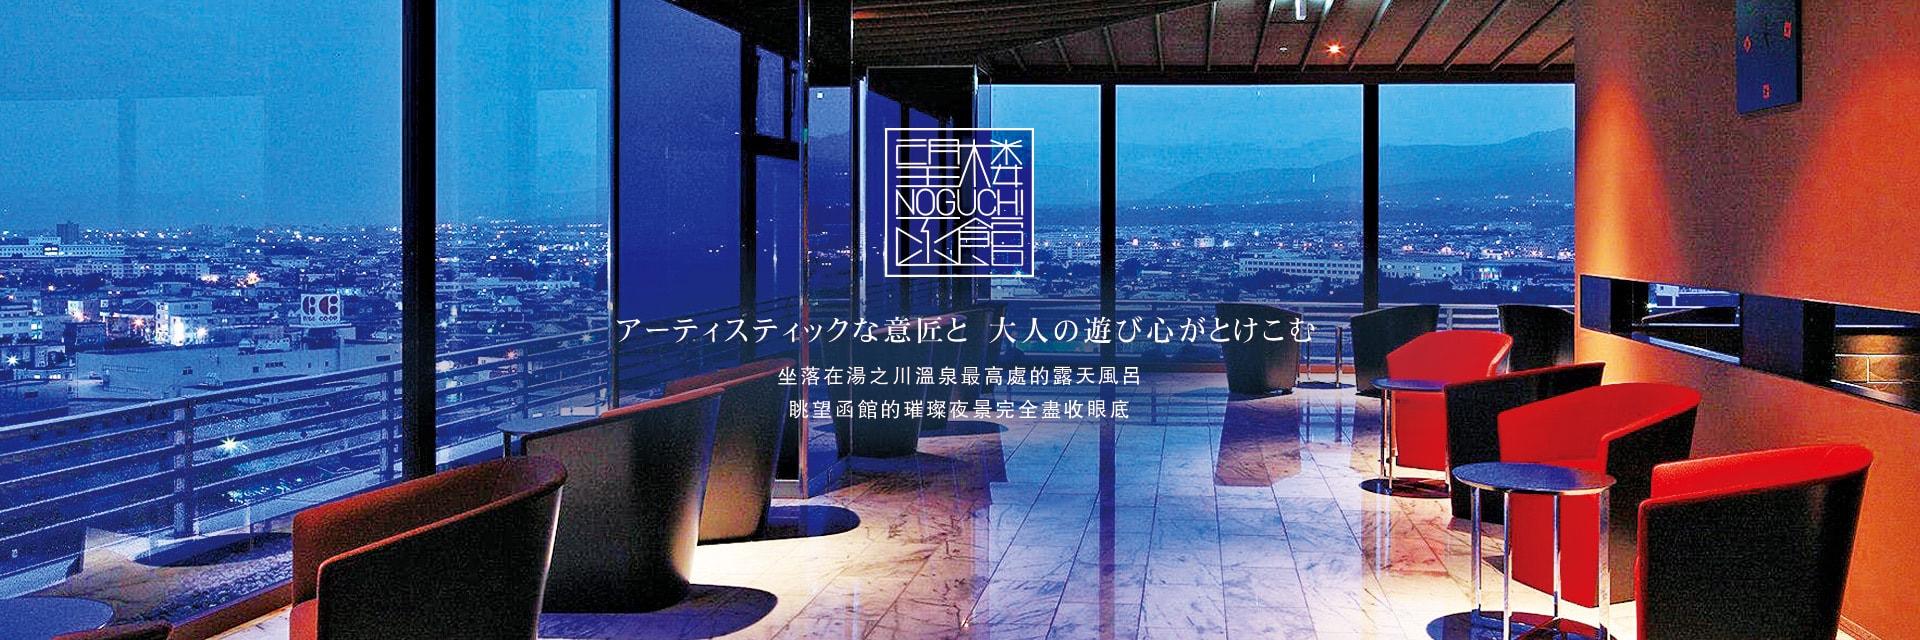 上順旅遊、日本旅遊、北海道、函館望樓